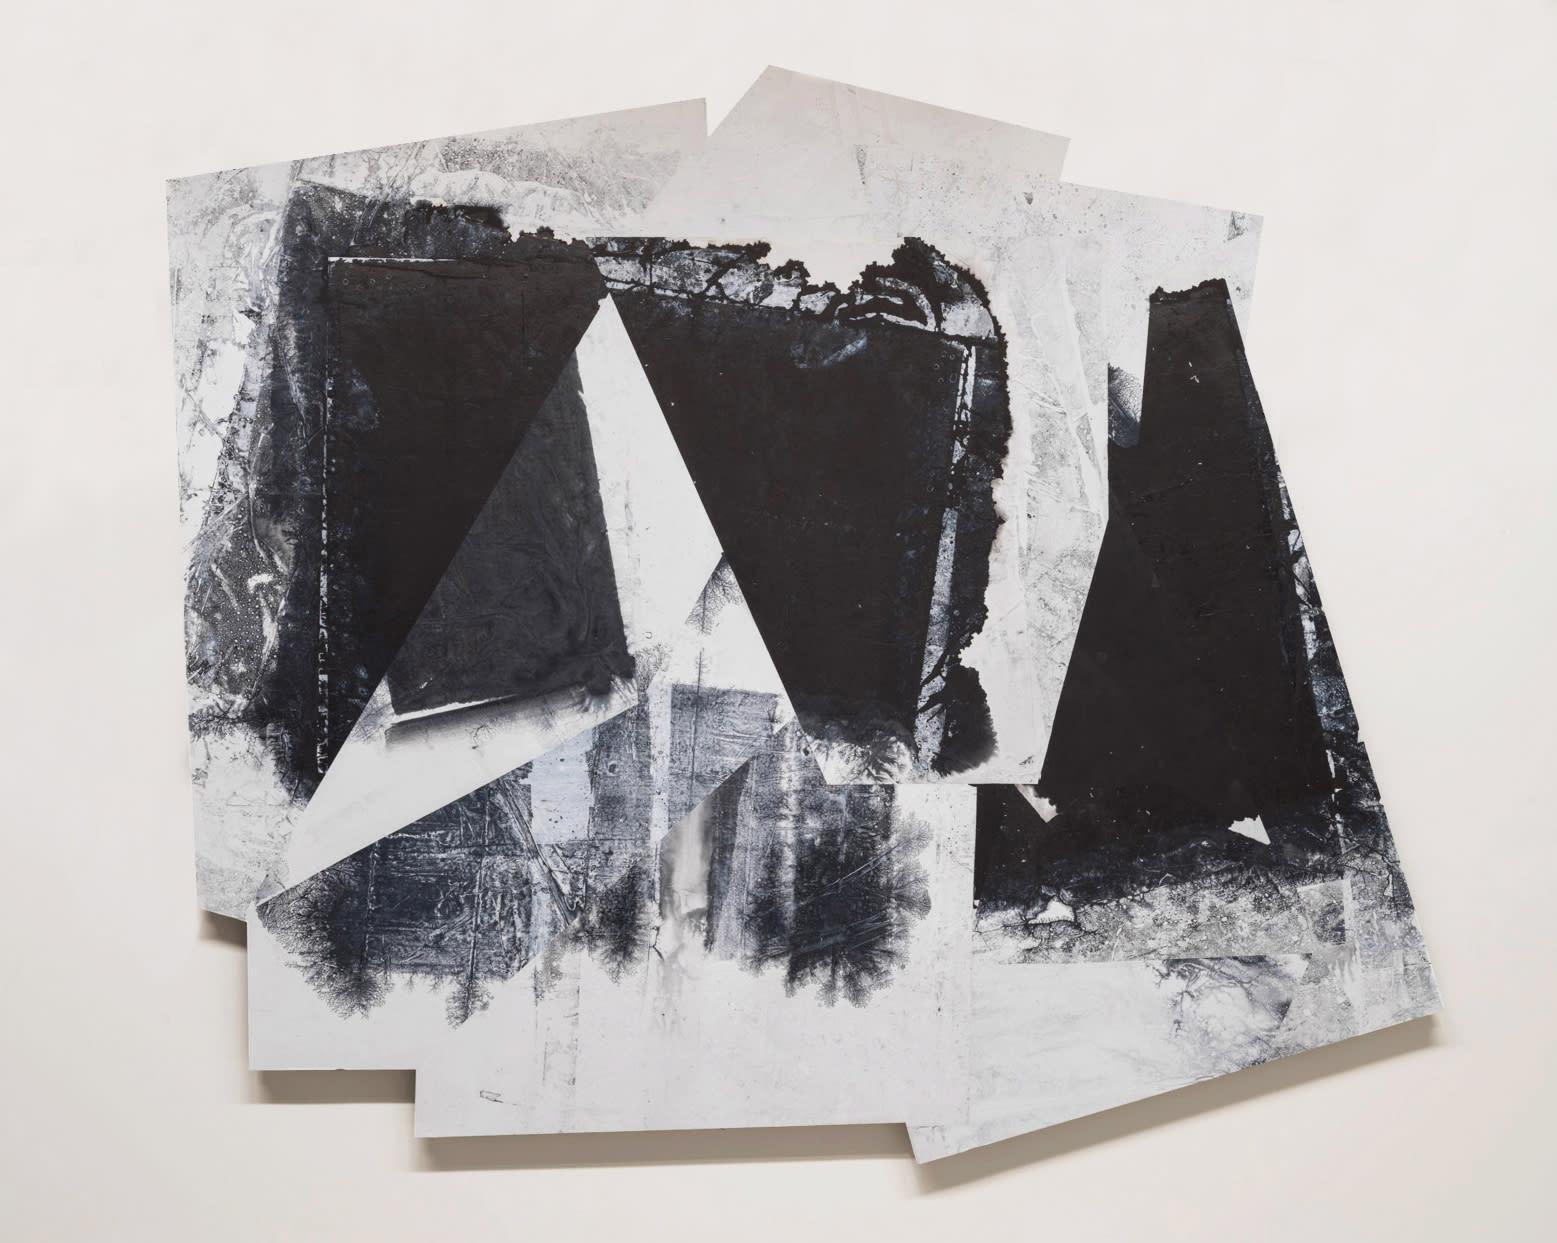 Zheng Chongbin 鄭重賓, Untitled No. 9 無題 (九), 2019